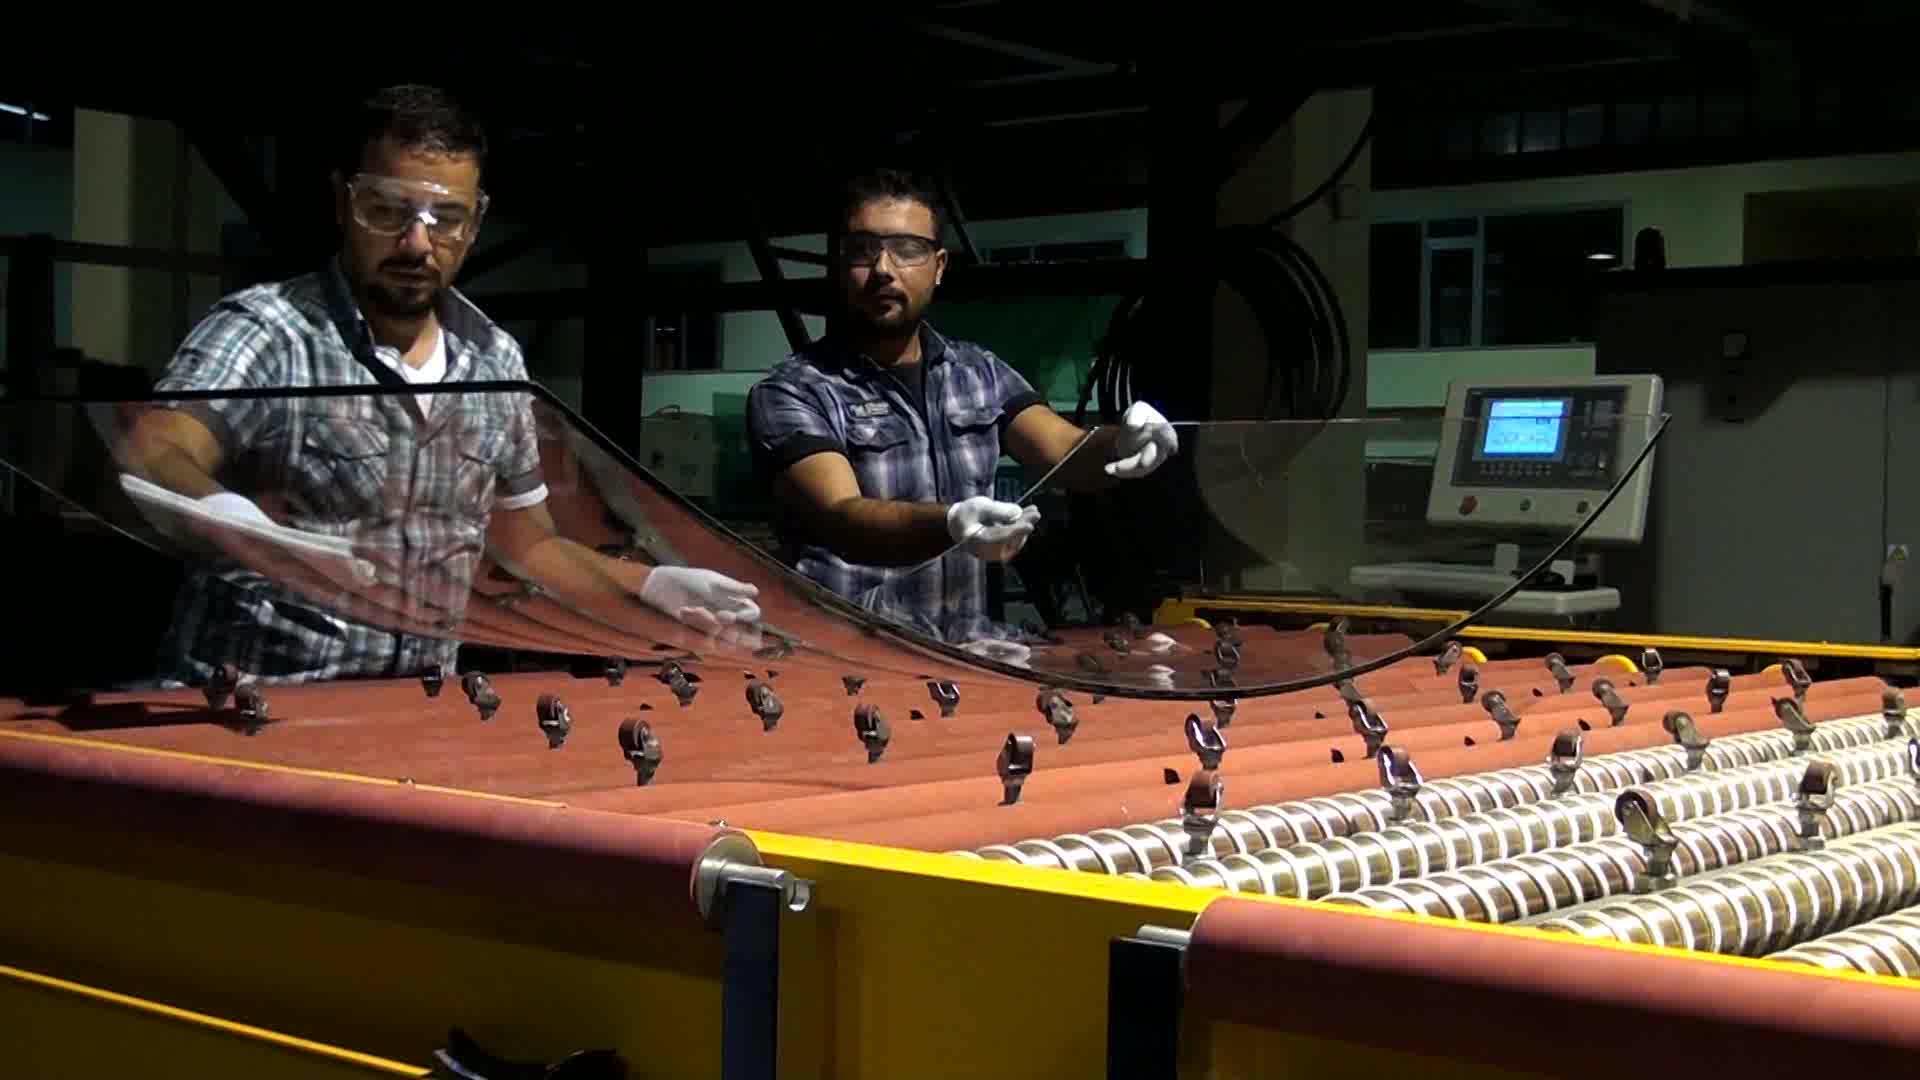 LandGlass maquina de templado vidrio curvado boynuzu para doblar vidrio